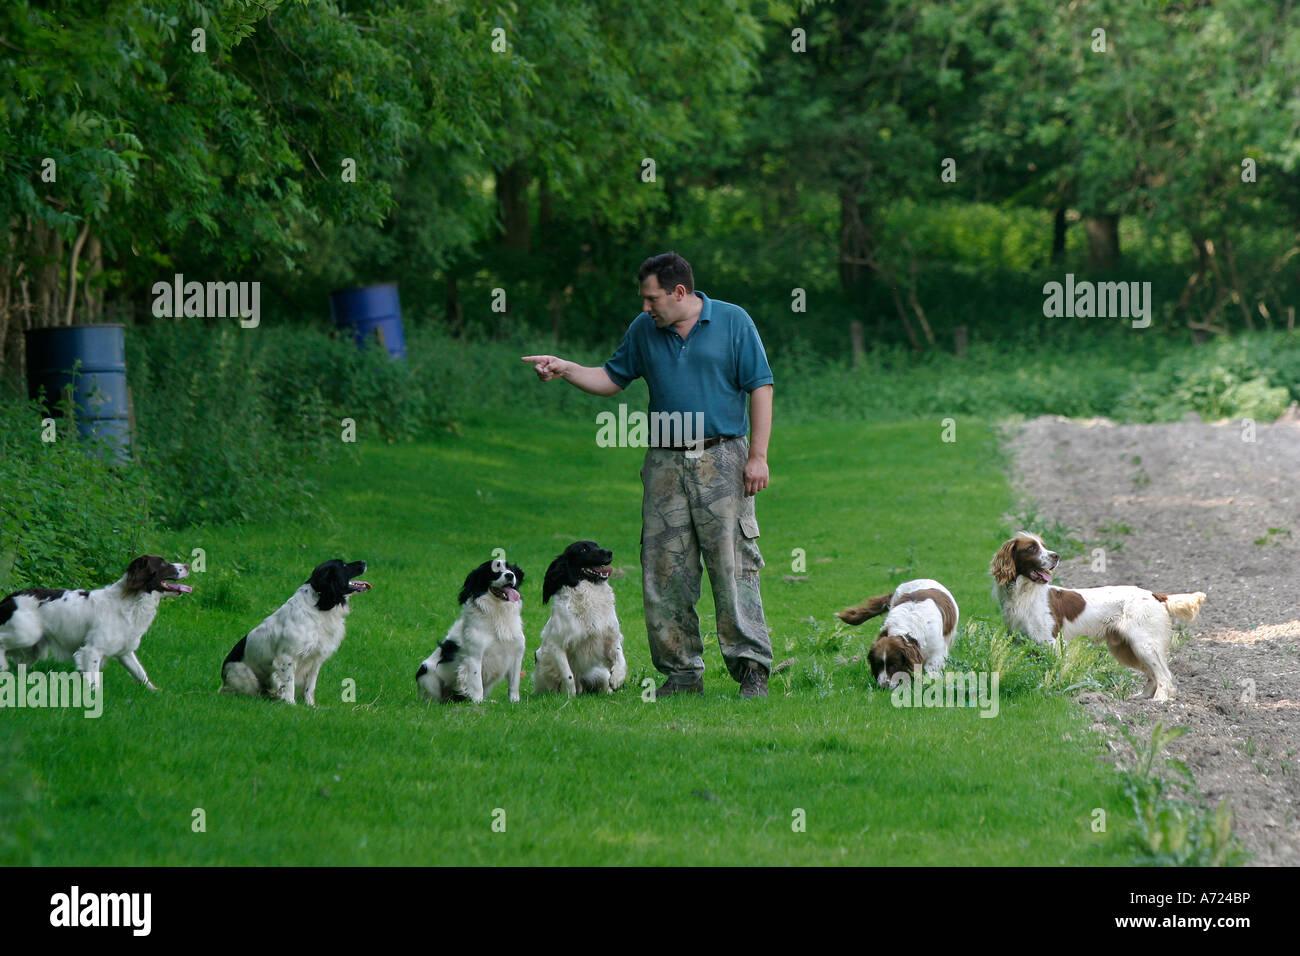 Mike Deakin, head gamekeeper on the Hambleden Estate exercises his gun dogs - Stock Image